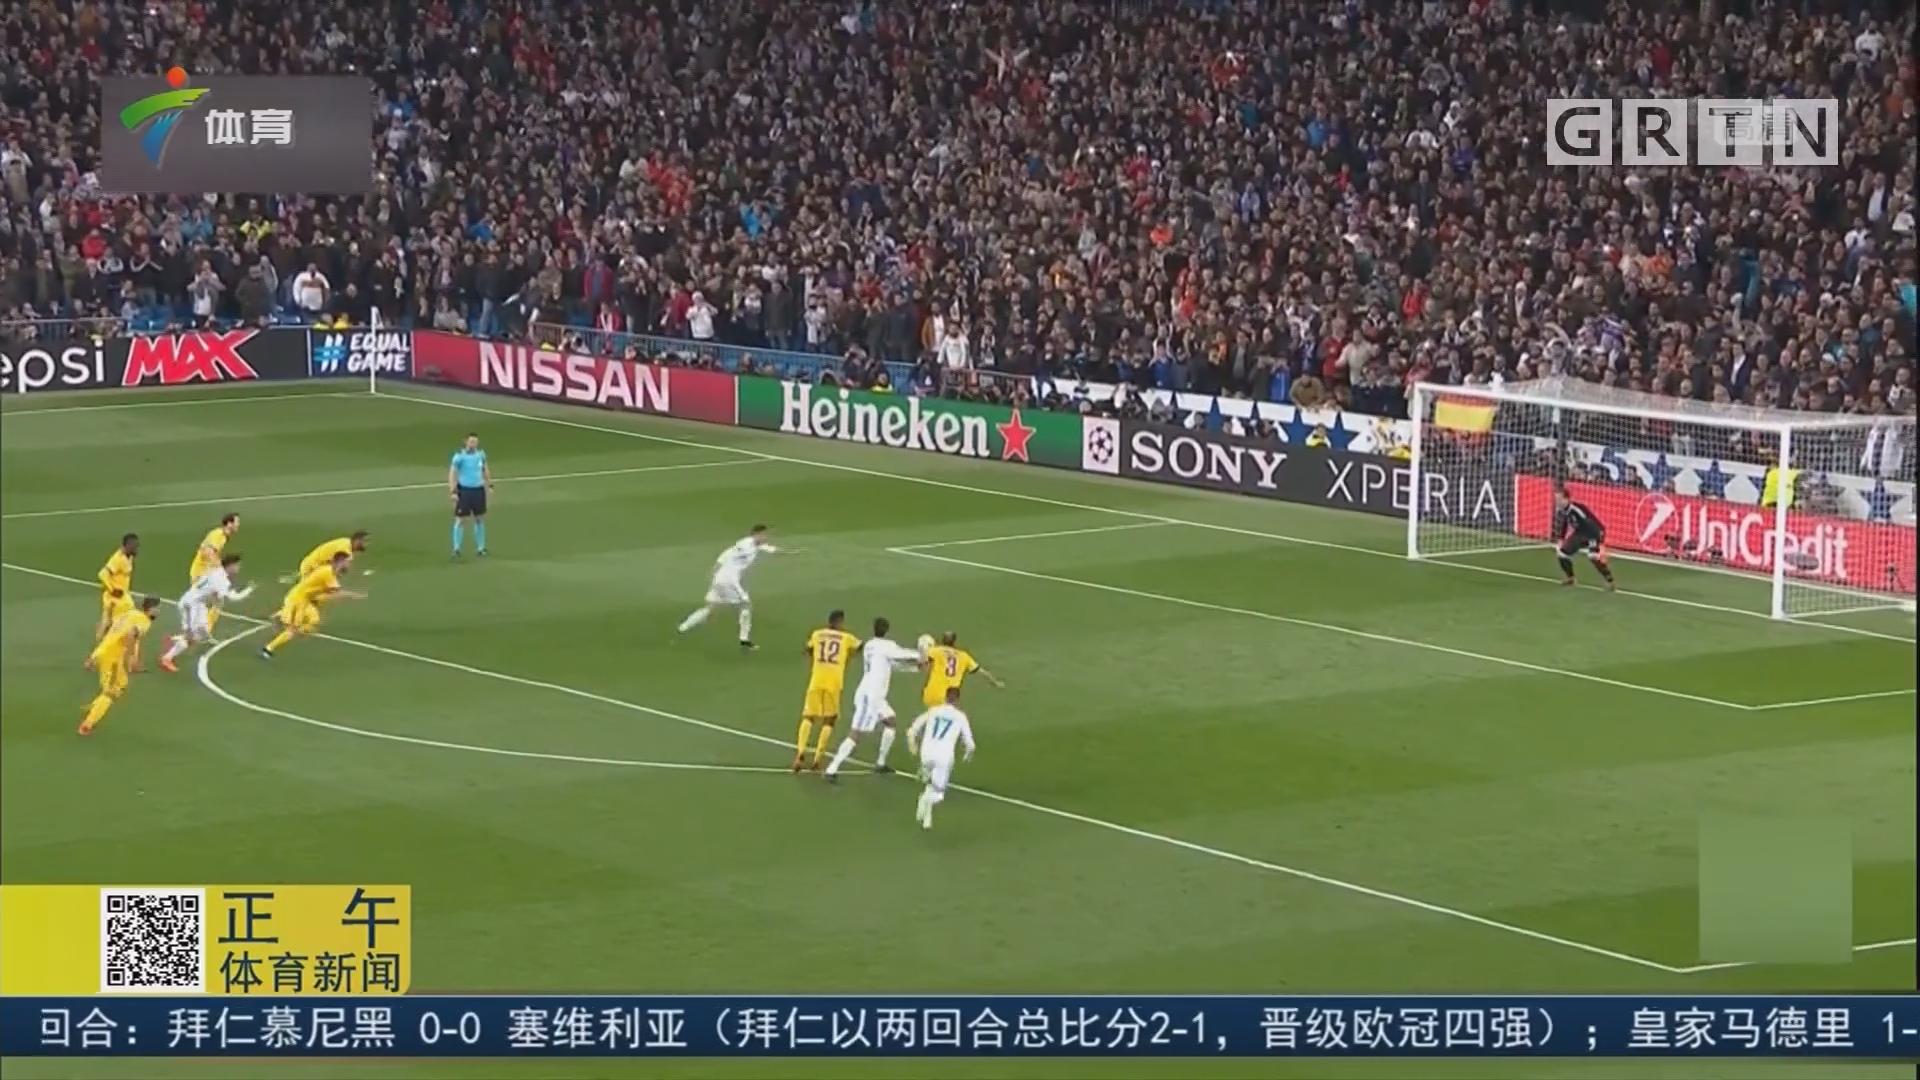 皇马险胜尤文 晋级欧冠半决赛